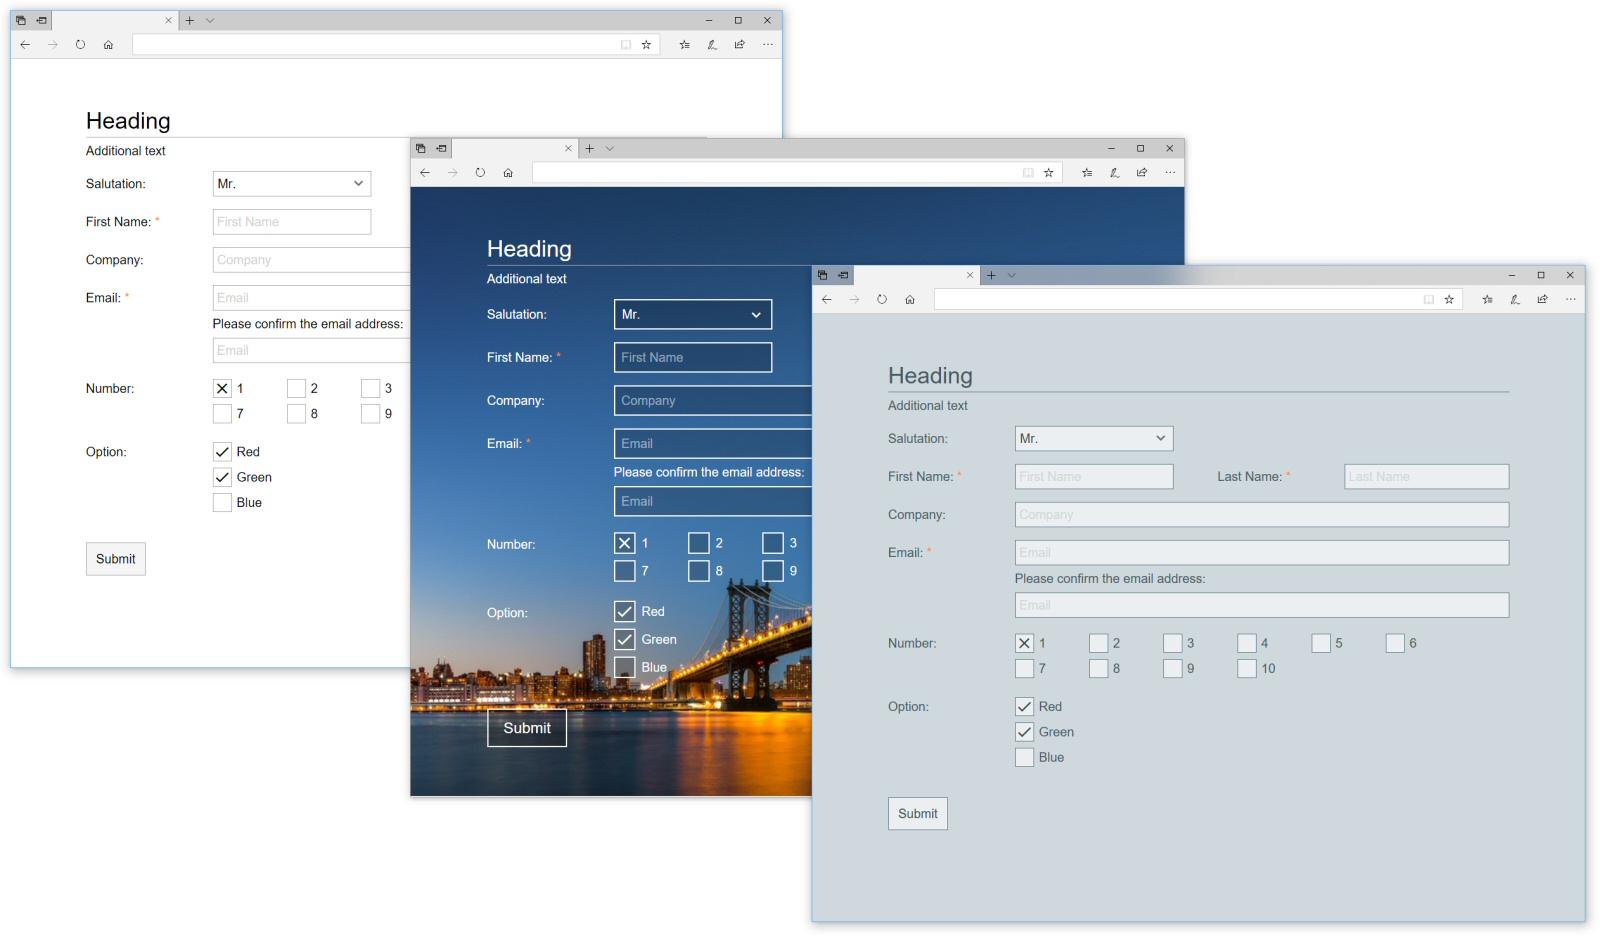 Arclab Web Form Builder Online Form Generator Software